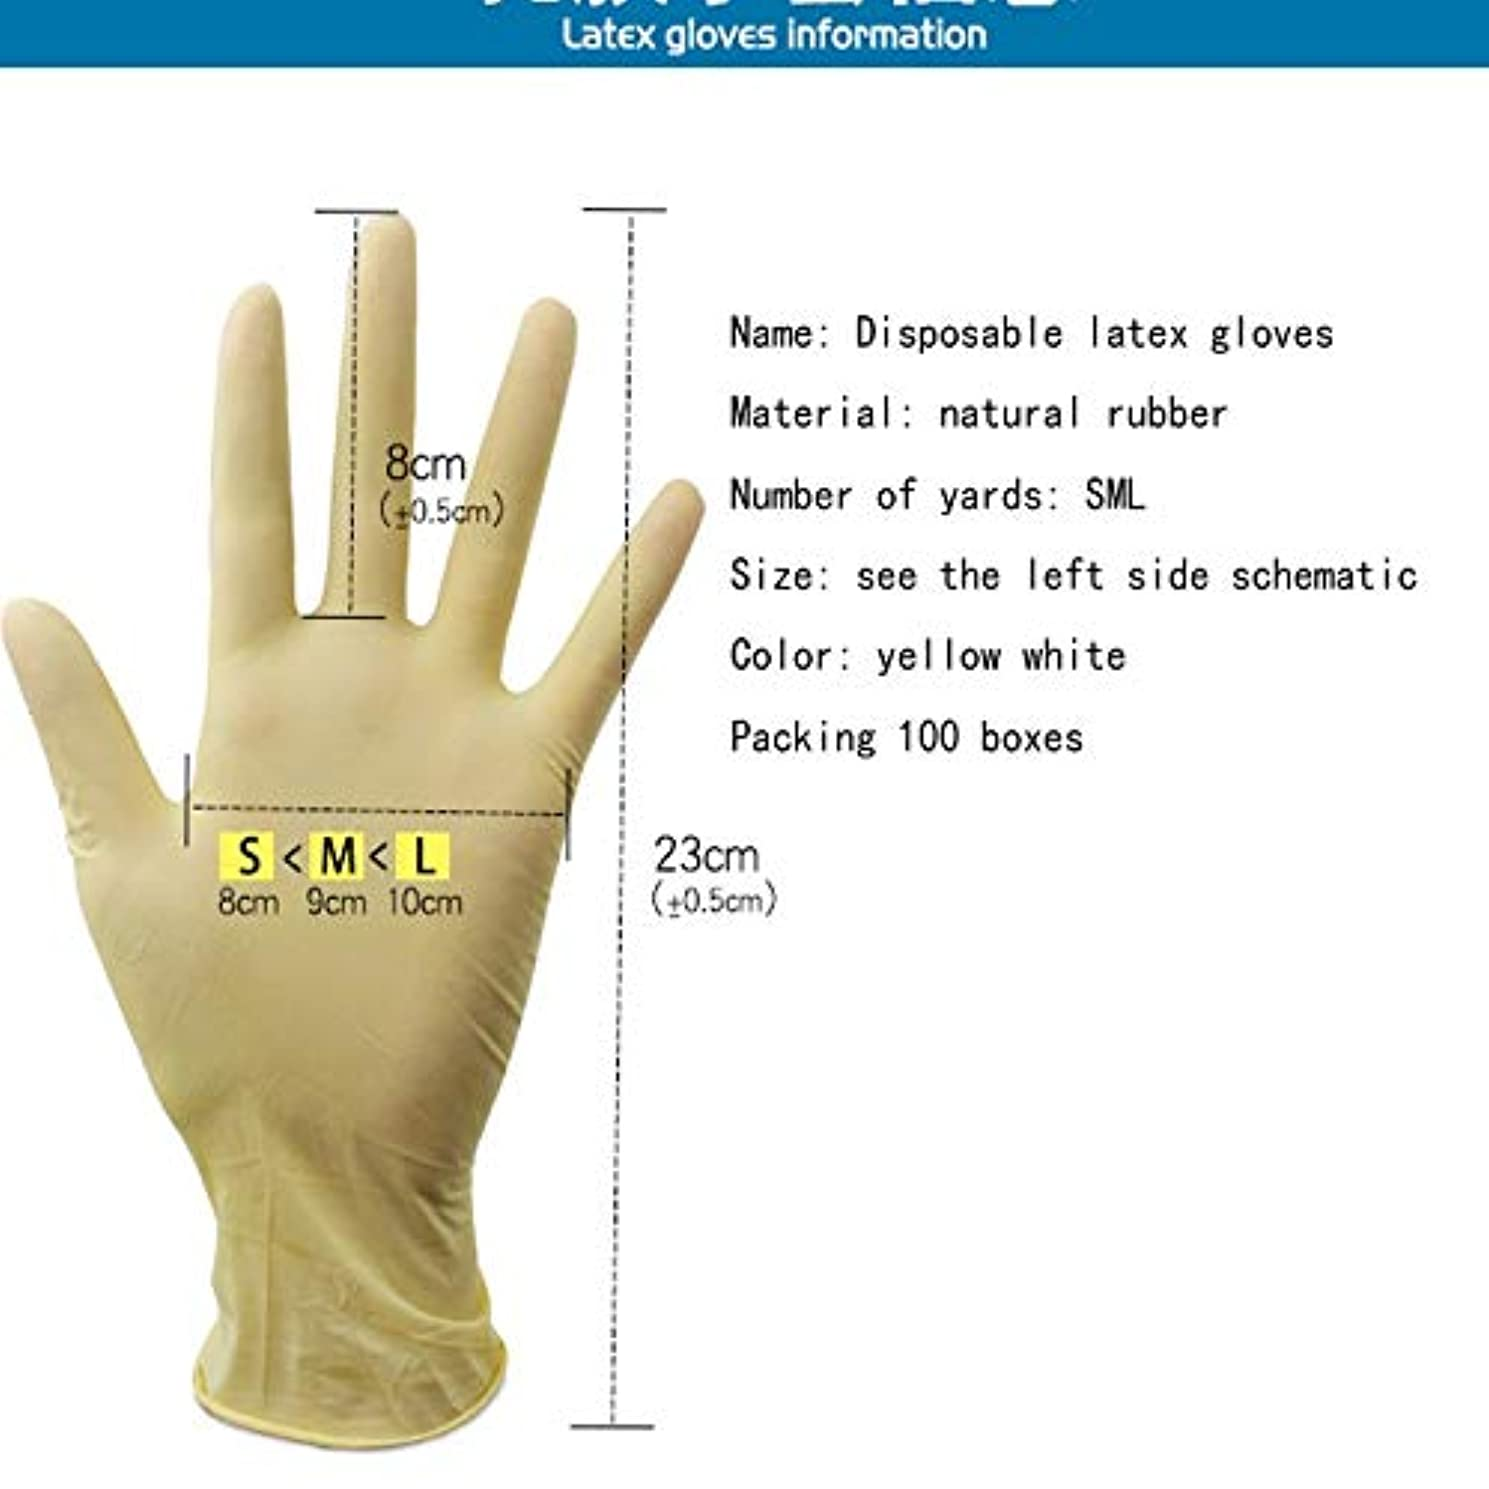 値する契約した寄付する使い捨て手袋 - これらの使い捨て食品準備手袋はまた台所クリーニング、プラスチックおよび透明のために使用することができます - 100部分ラテックス手袋 (Color : Beige)